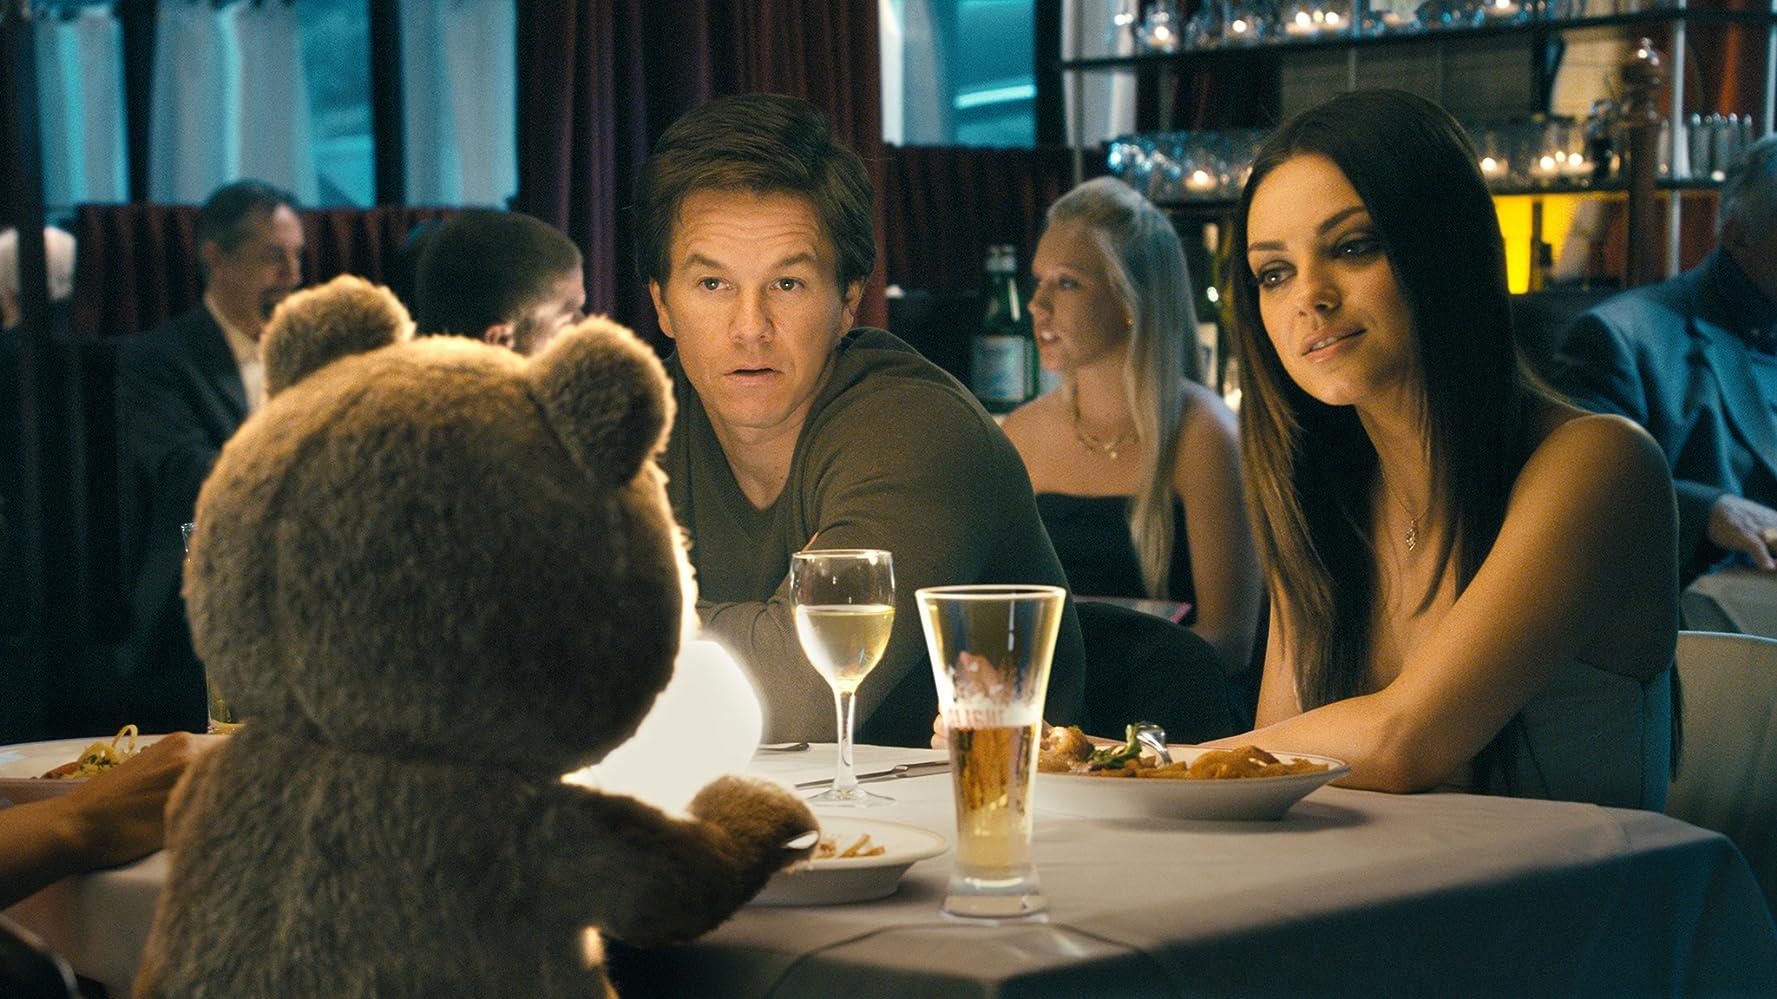 Т�е�ий ли�ний Тед ted 2012 �мо��е�� онлайн в